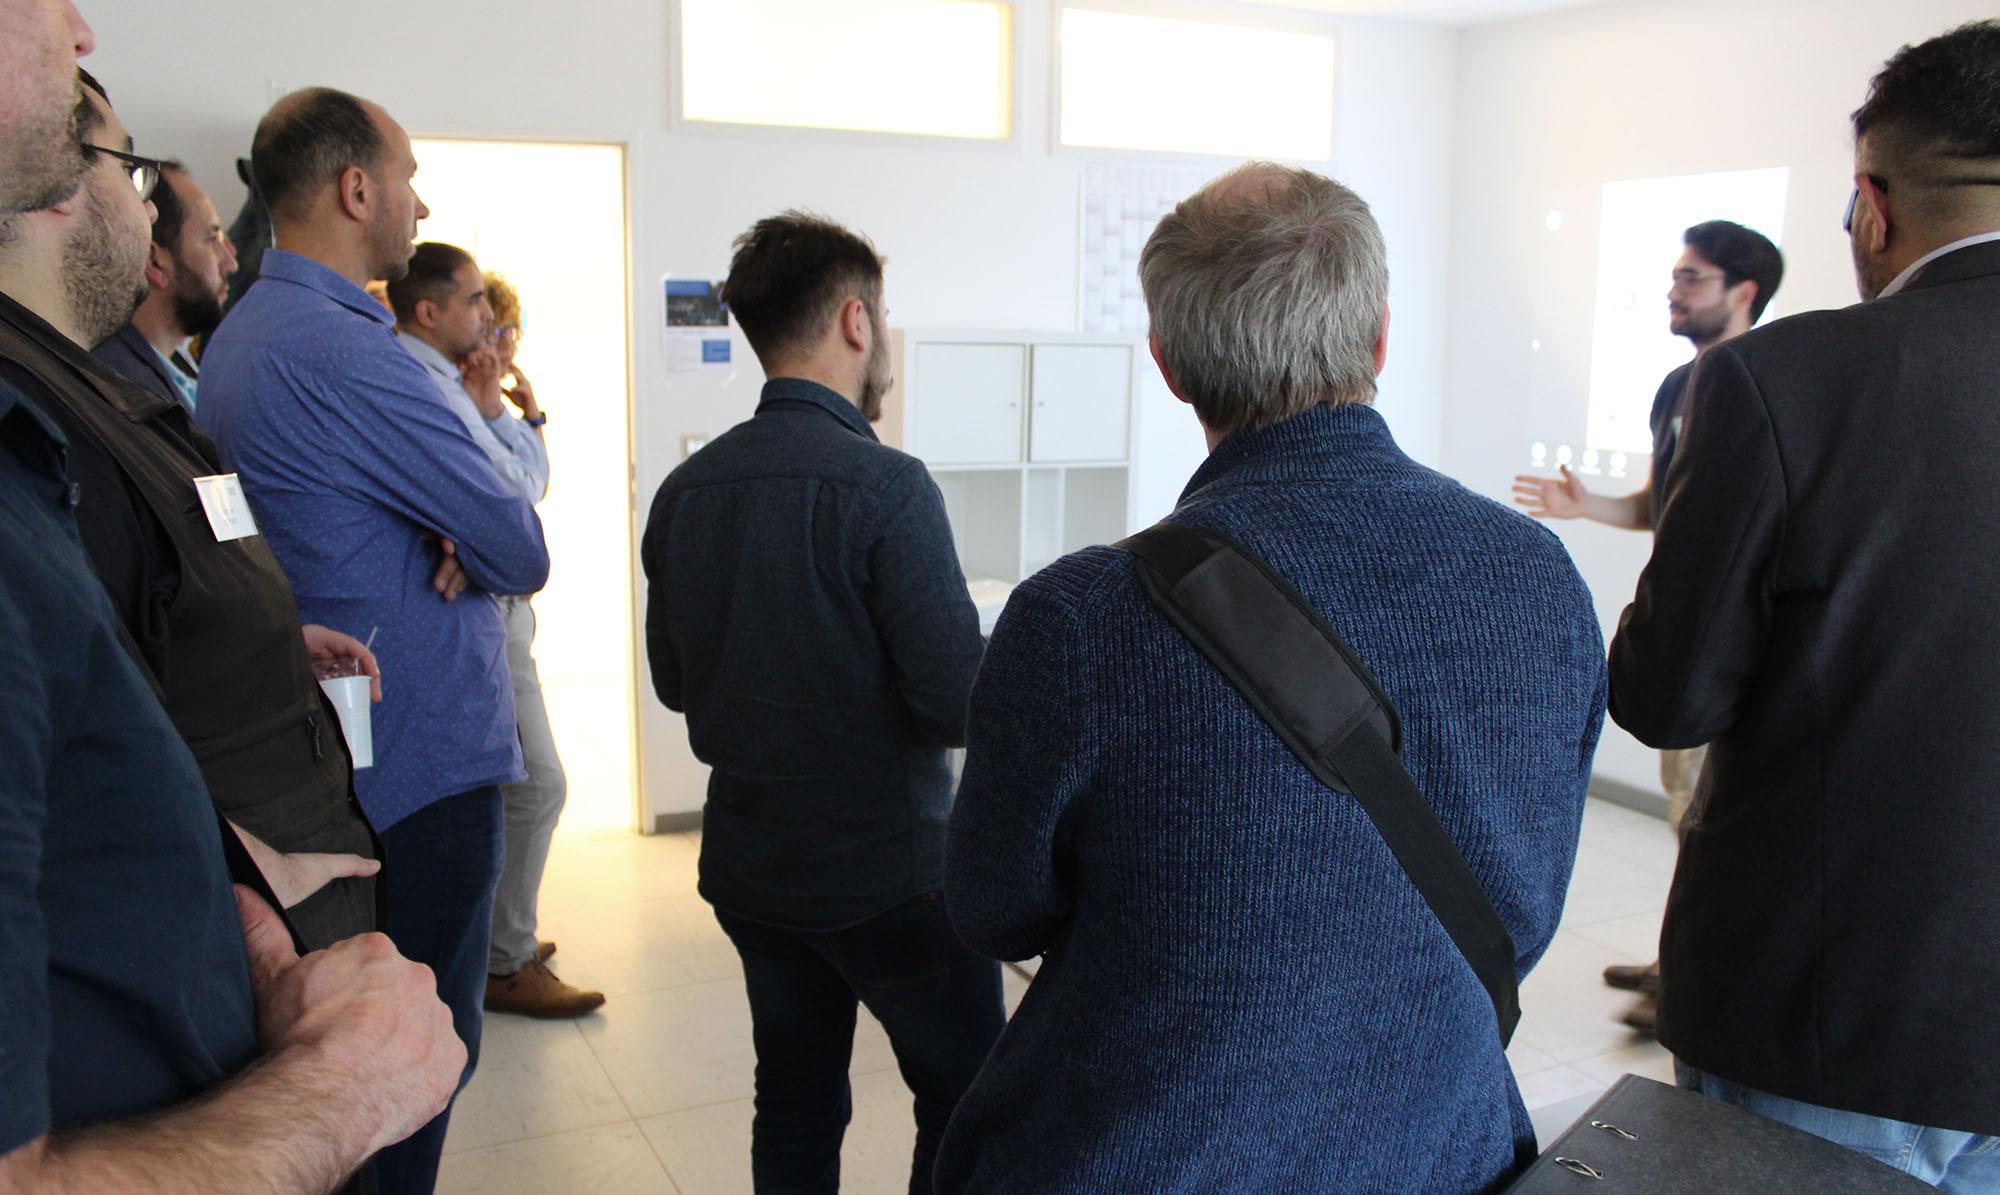 Junior-Coach präsentiert die Arbeit des 180 Grad Wendepunkts Bonn.